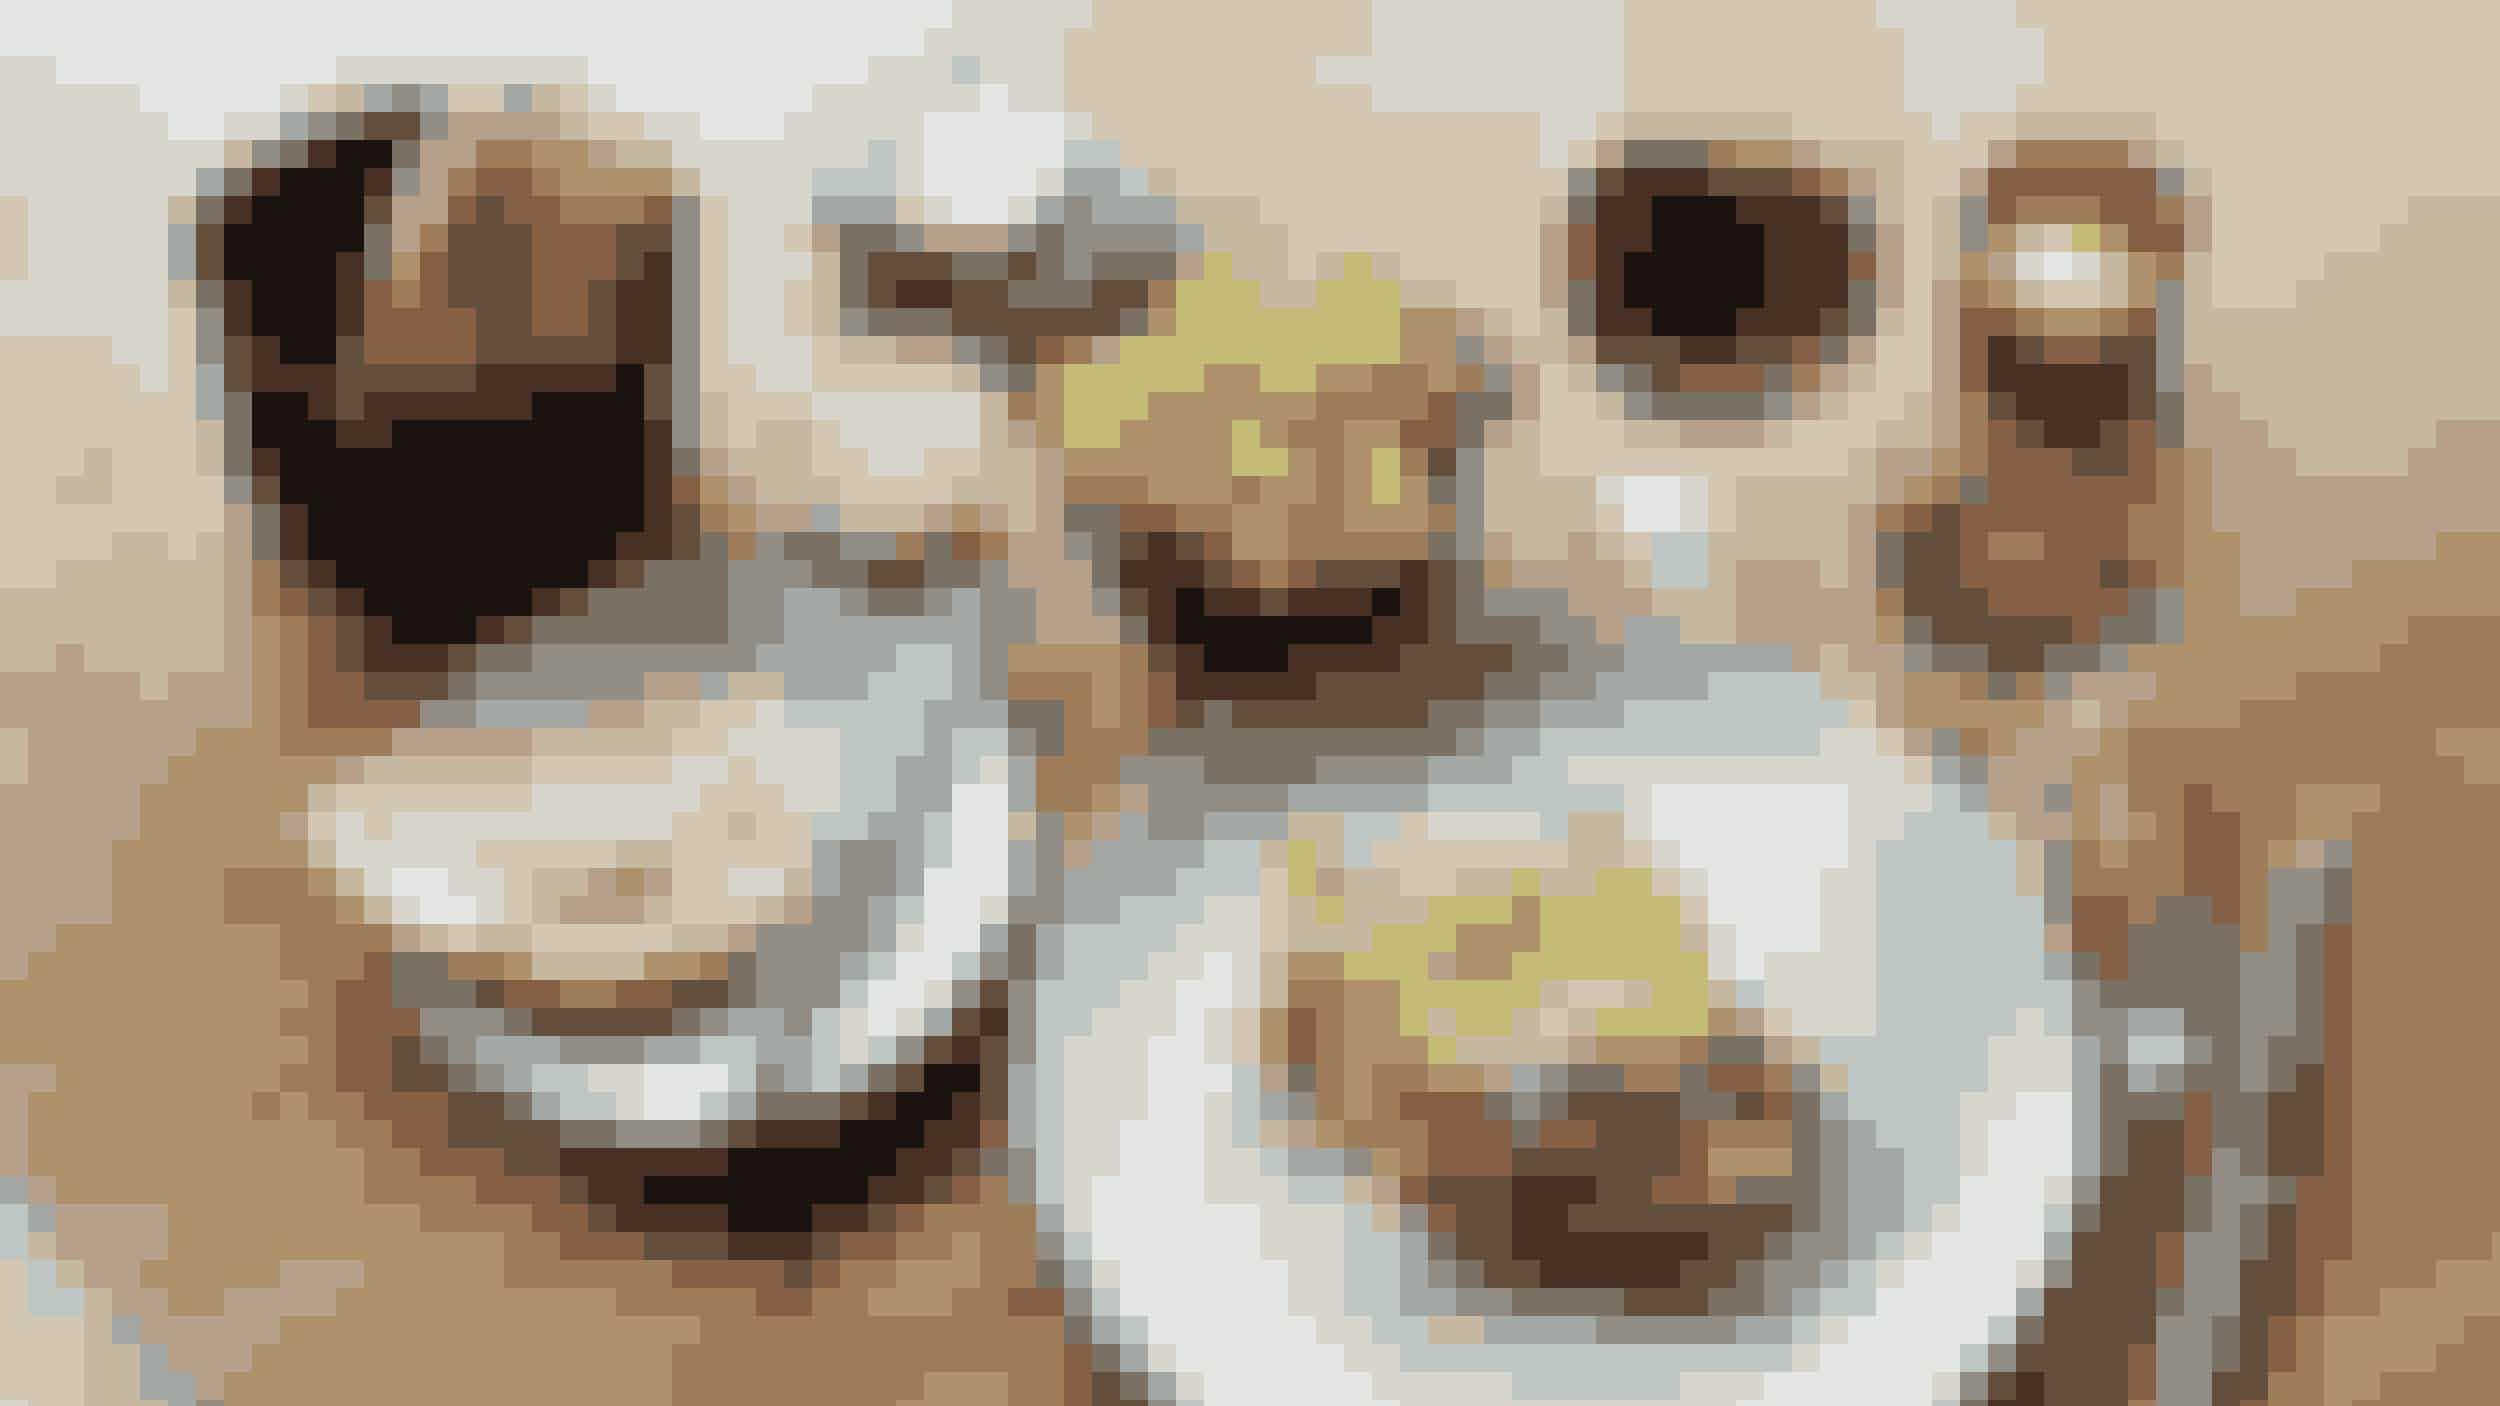 """FerdinandRestaurant Ferdinand holder normalt til på hotellet af samme navn i Aarhus, og er flere gange blevet hædret for deres velsmagende køkken. Derfor er Ferdinands madsted på NorthSide også uden tvivl et af de steder, vi vil anbefale at lægge vejen forbi på NorthSide 2017.Ferdinand vil servere alt fra ceviche og tartare de boeuf til den klassiske caesarsalat og søde danske jordbær til den søde tand. Alle deres retter til NorthSide kan bestilles som forretter, hovedretter eller til deling ved bordet. Så hvis du har lyst til et lidt finere setup end """"to-go"""" mad, er Ferdinand uden tvivl the place-to-be."""